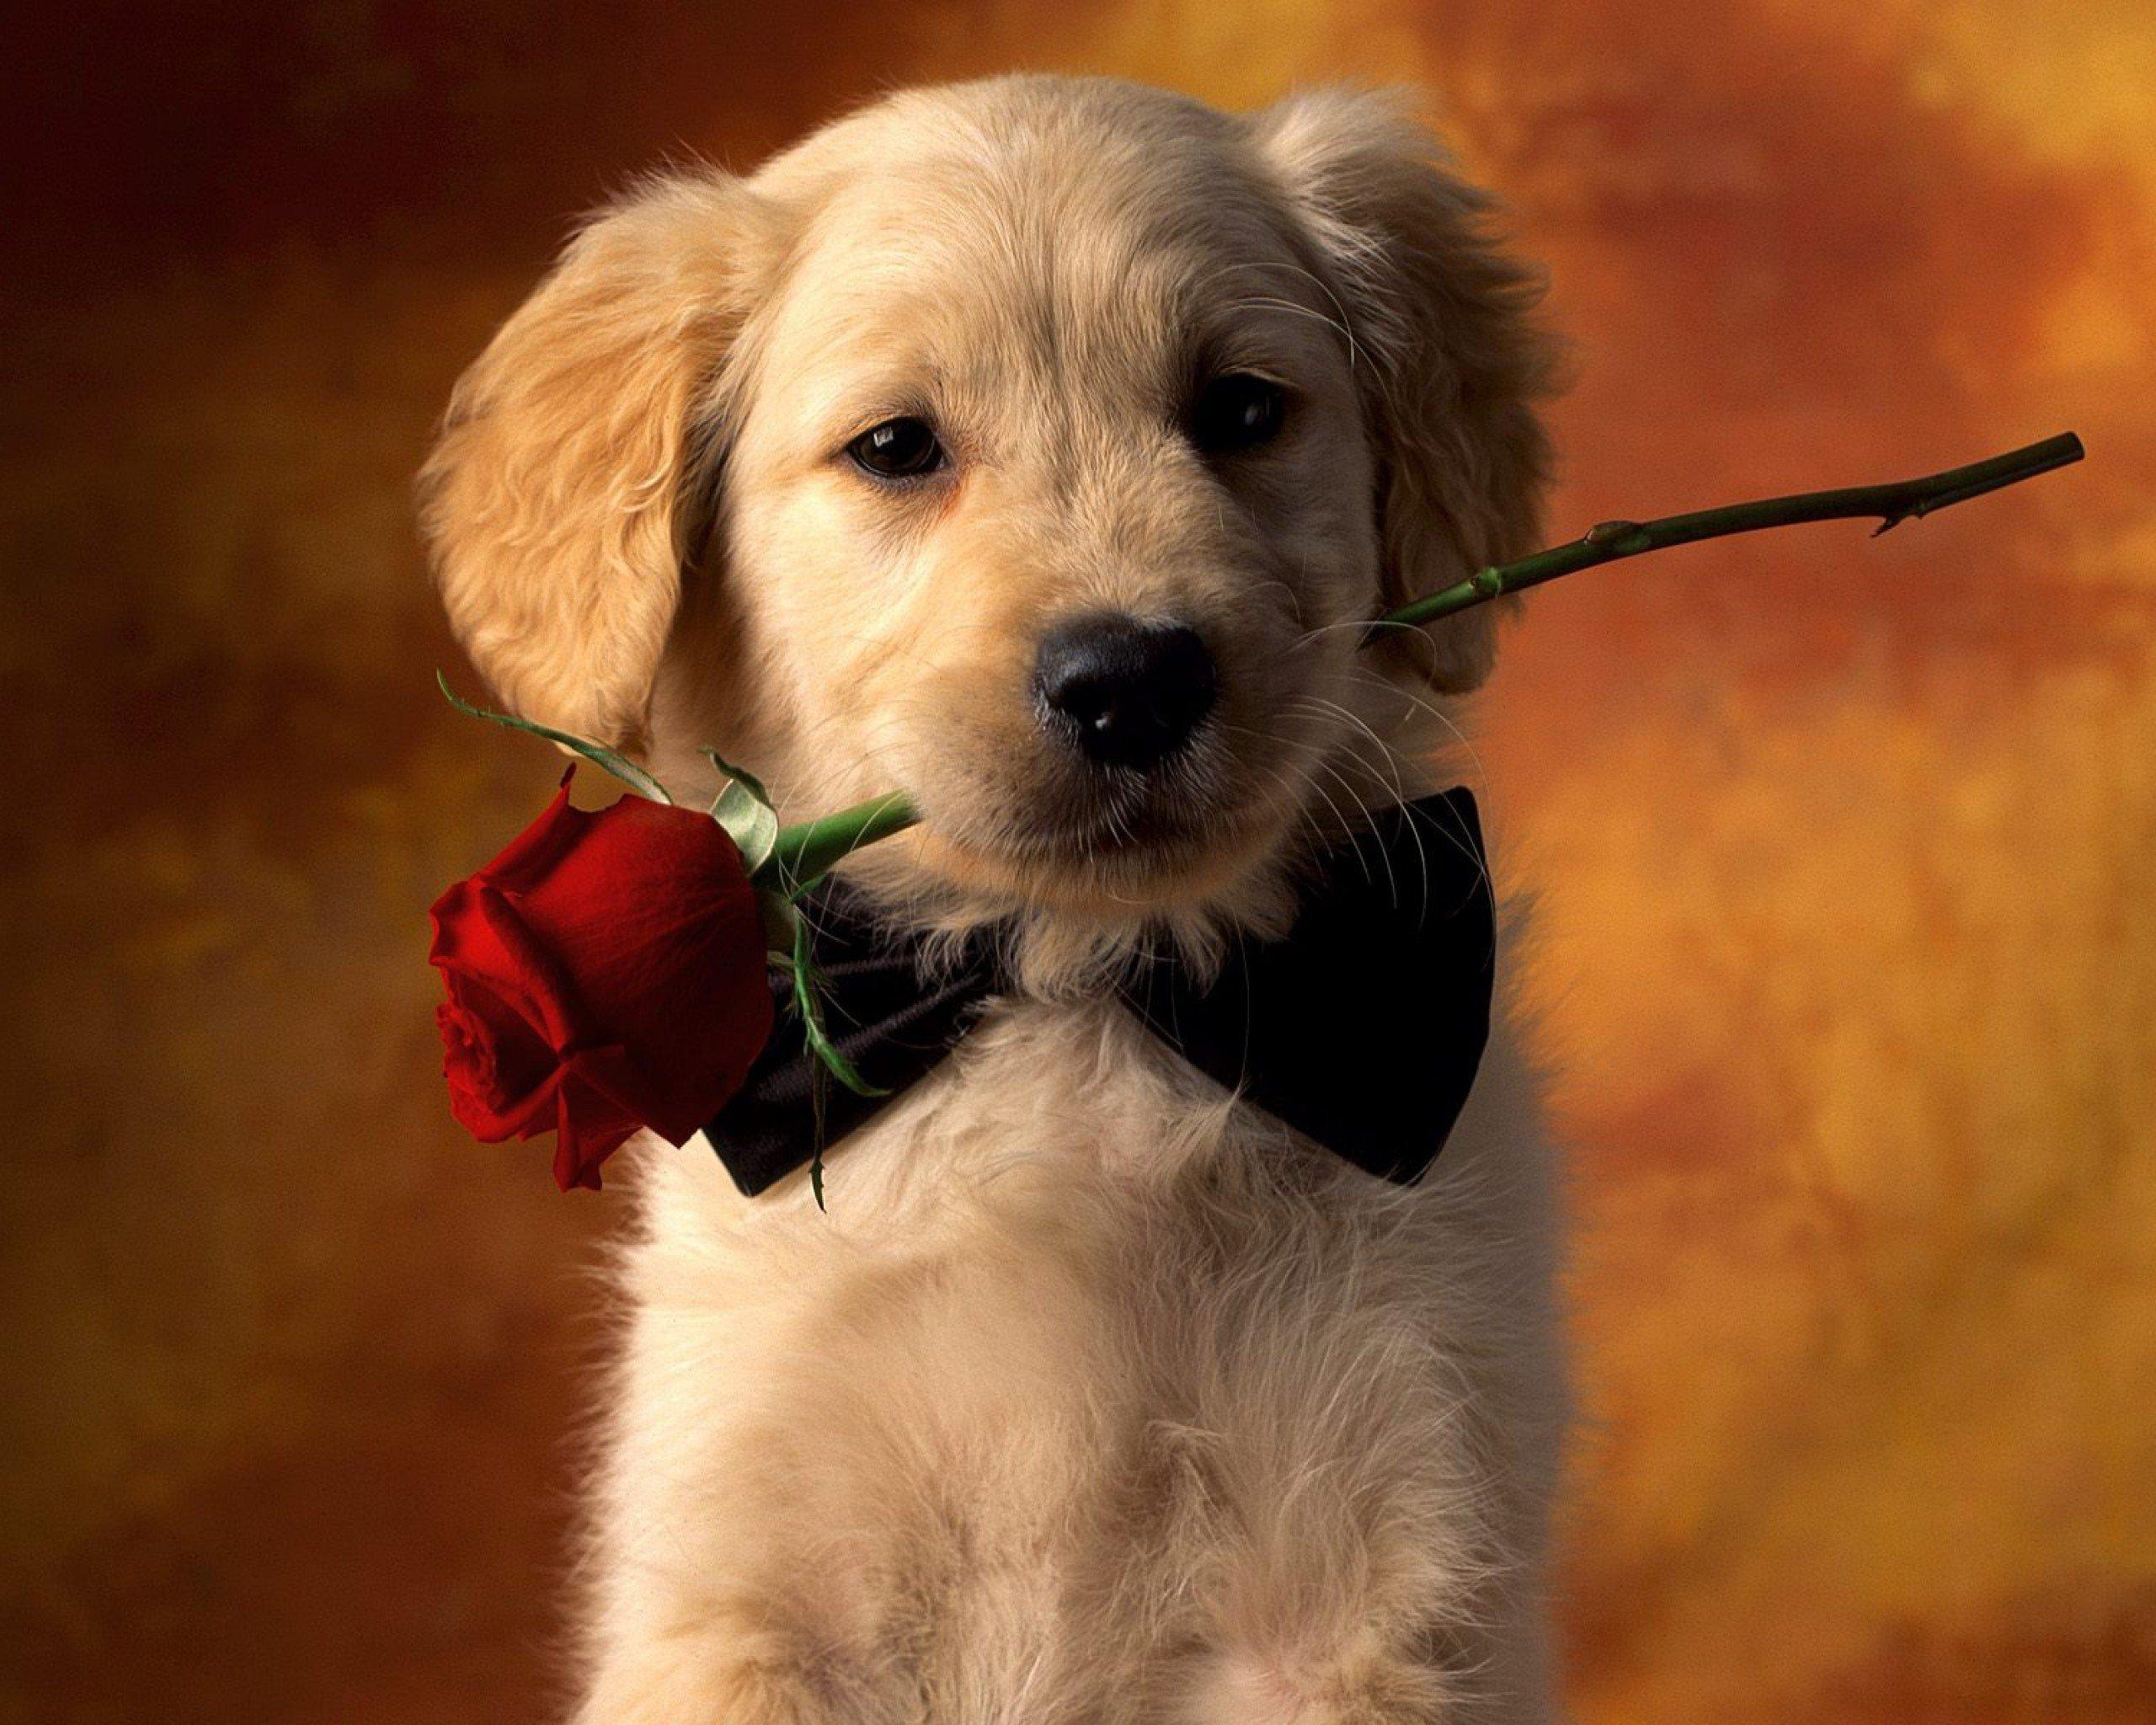 Djur - Dog  Red Rose Rose Puppy Pet Bakgrund